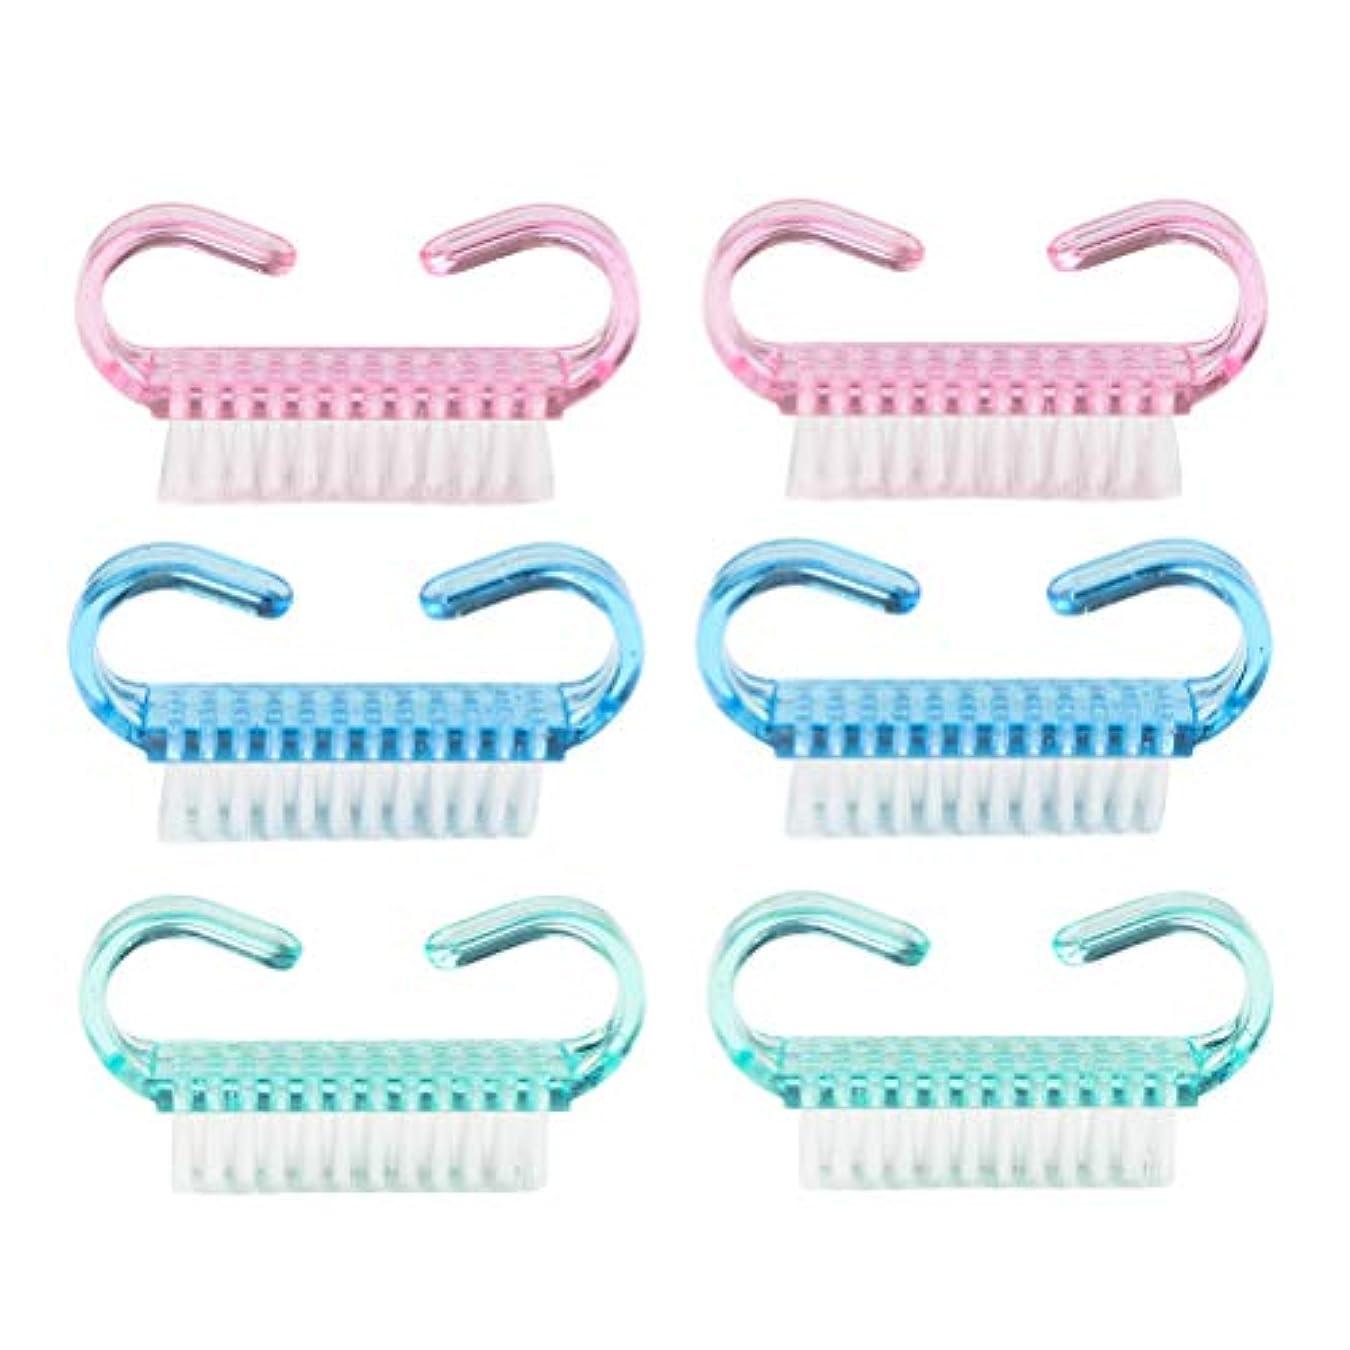 Frcolor ネイルブラシ 爪ブラシ カラフル 手洗い ブラシ 快適 6個セット ランダム色